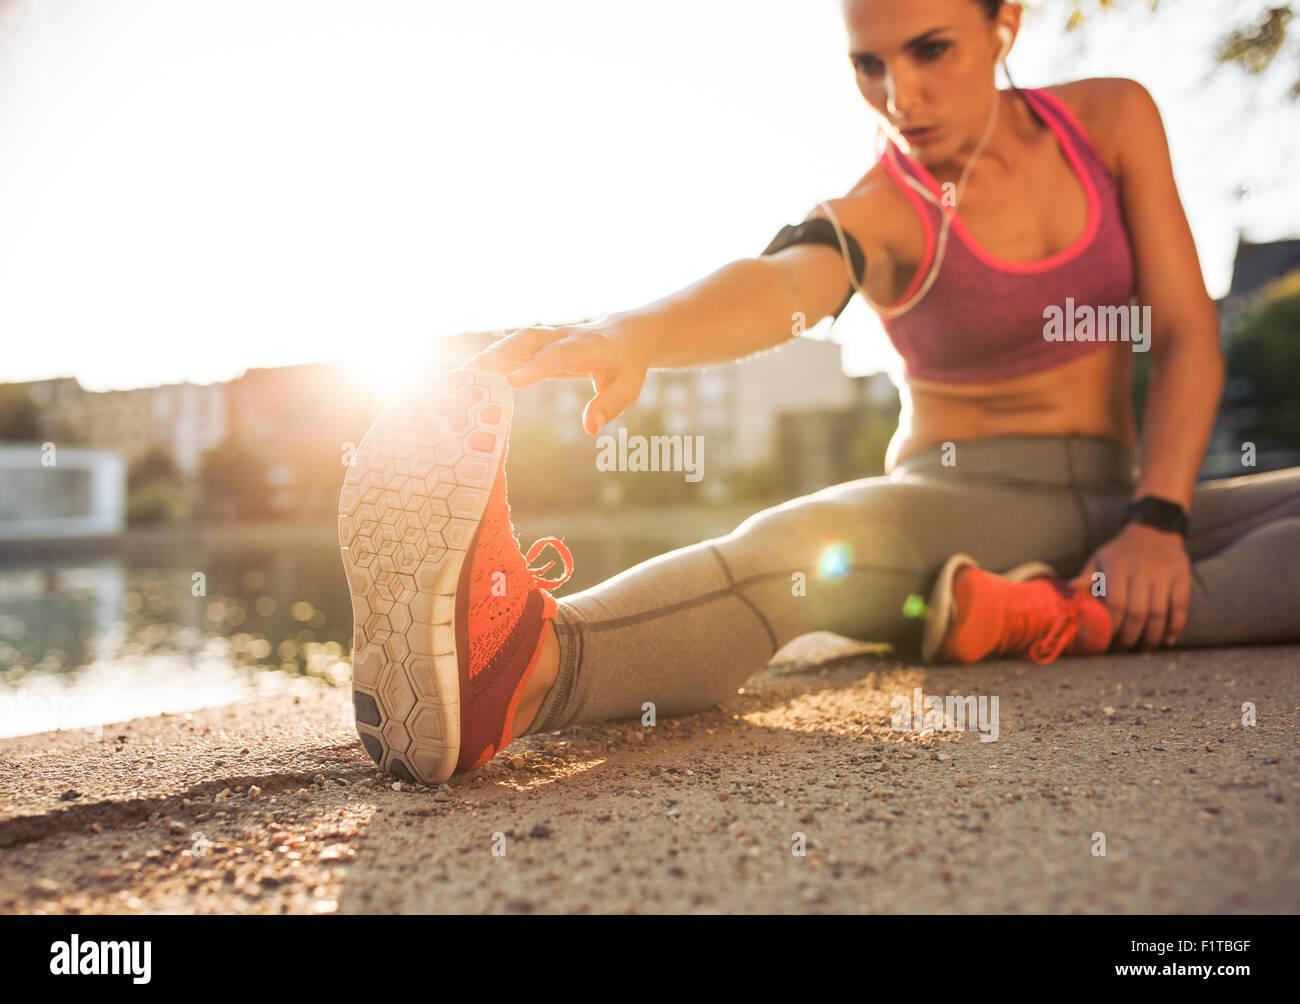 Giovane donna runner gambe stretching prima di fare il suo allenamento estivo. Sportive in fase di riscaldamento Immagini Stock